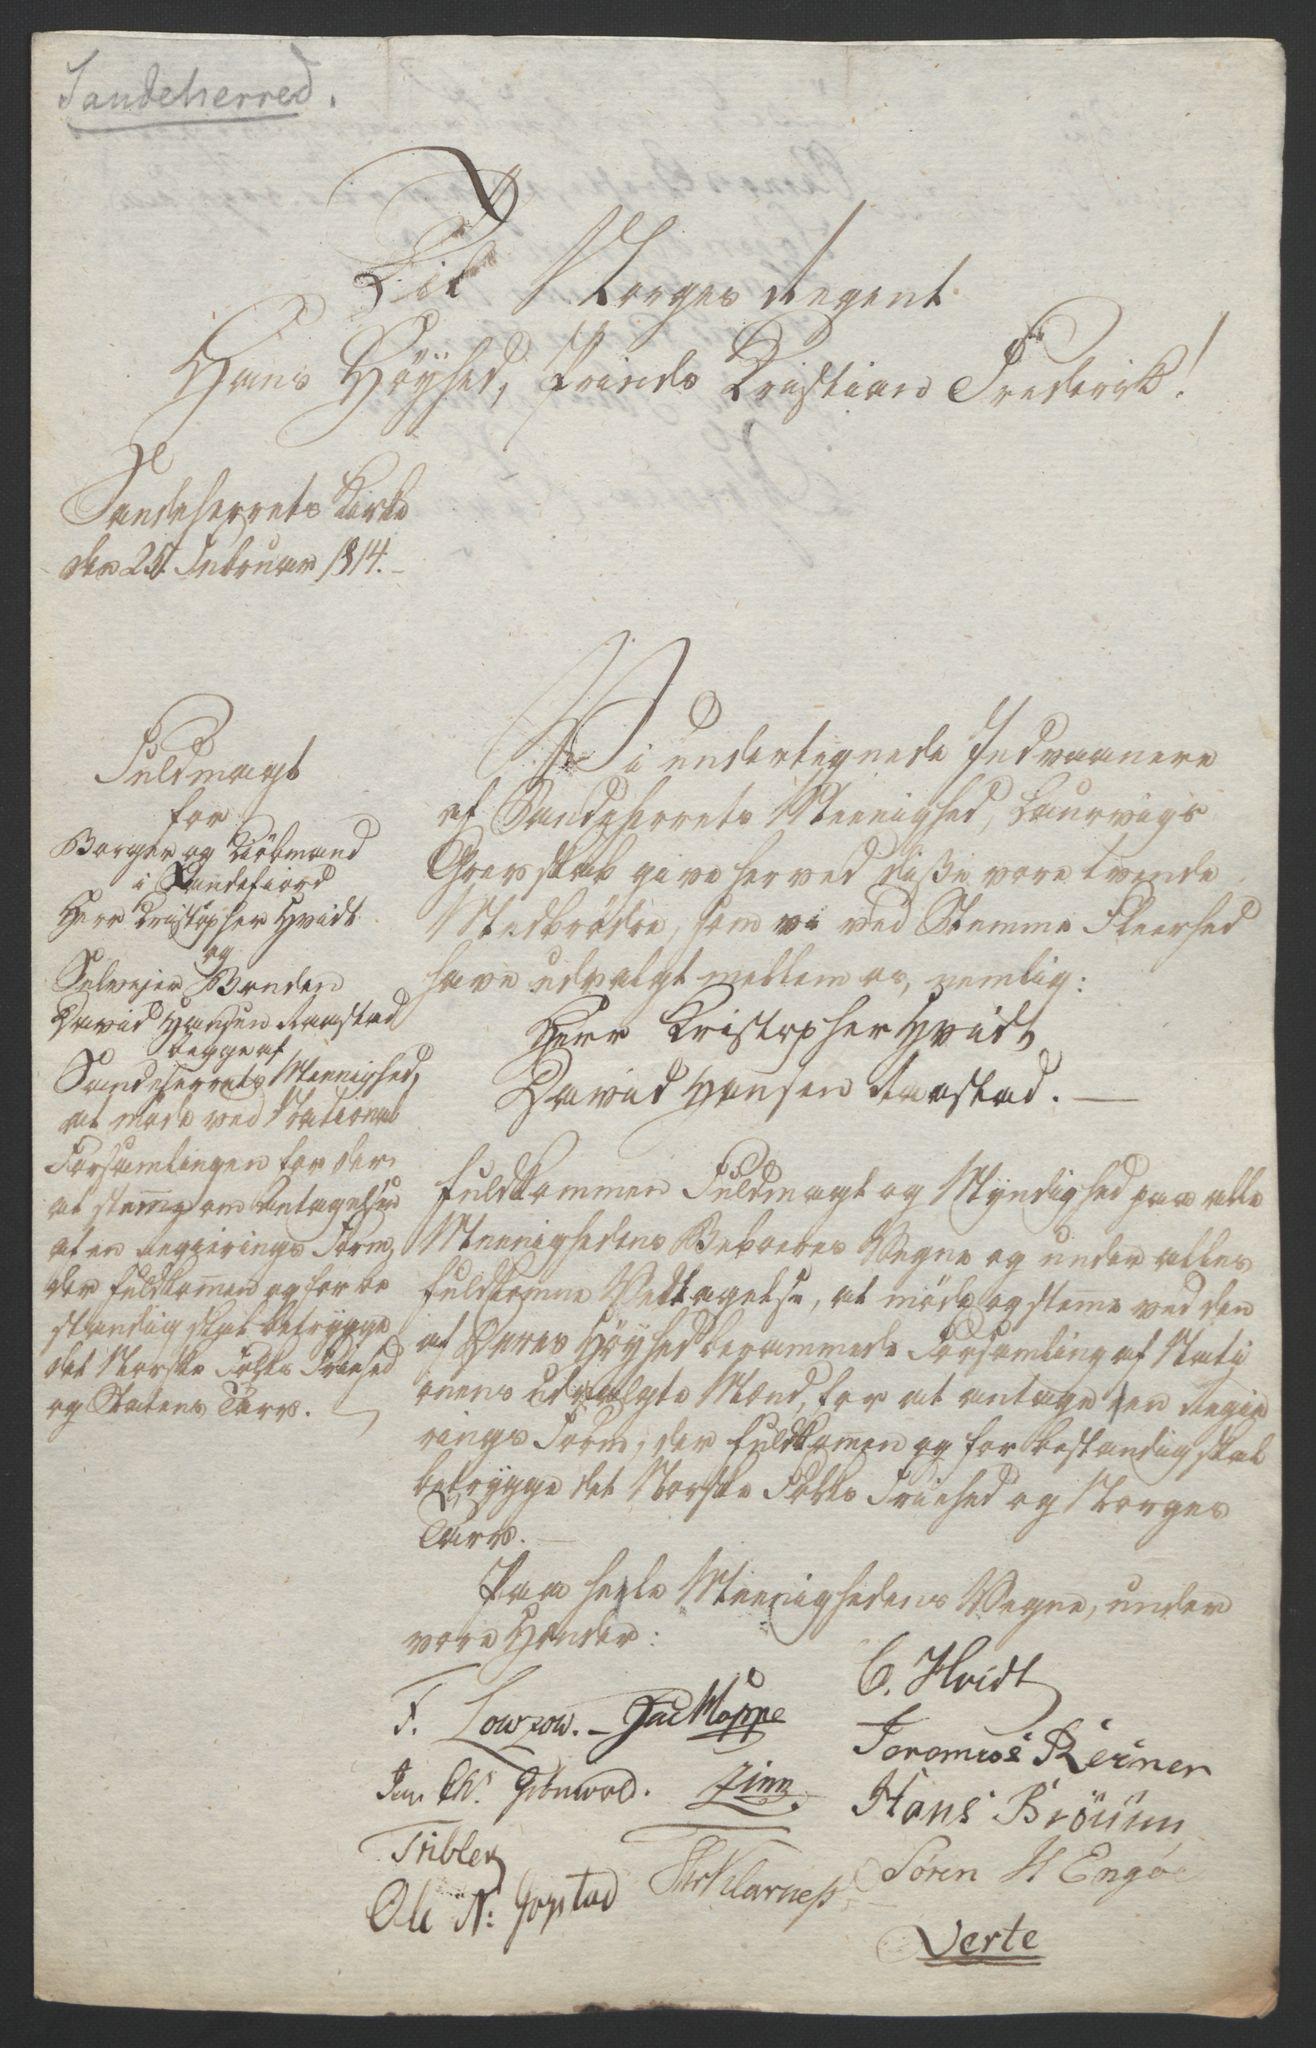 RA, Statsrådssekretariatet, D/Db/L0008: Fullmakter for Eidsvollsrepresentantene i 1814. , 1814, s. 34